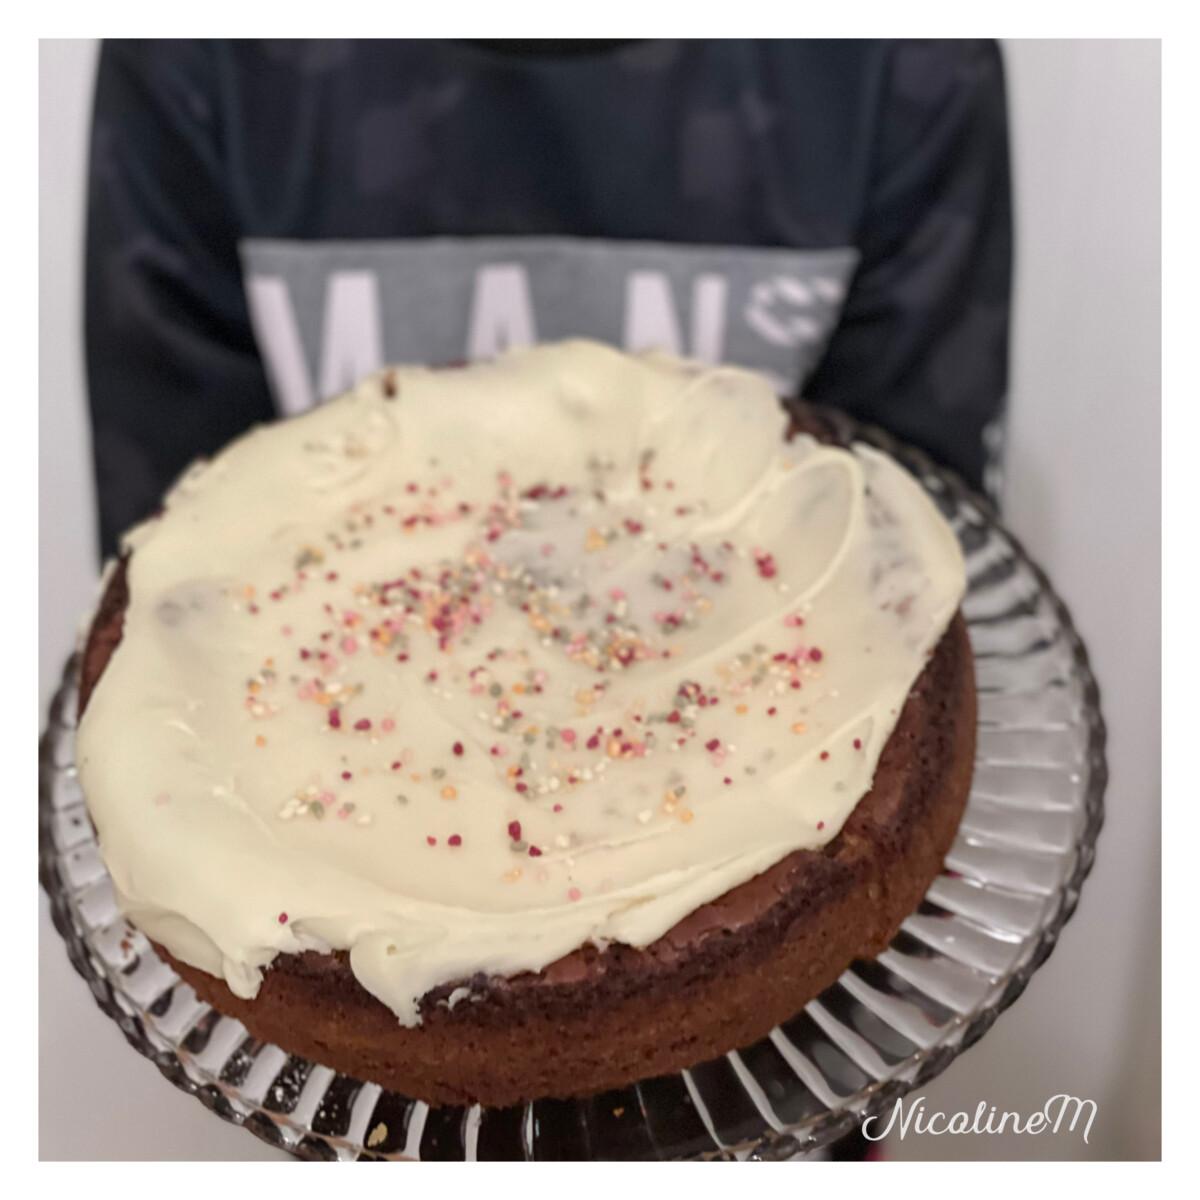 hvit sjokoladekake